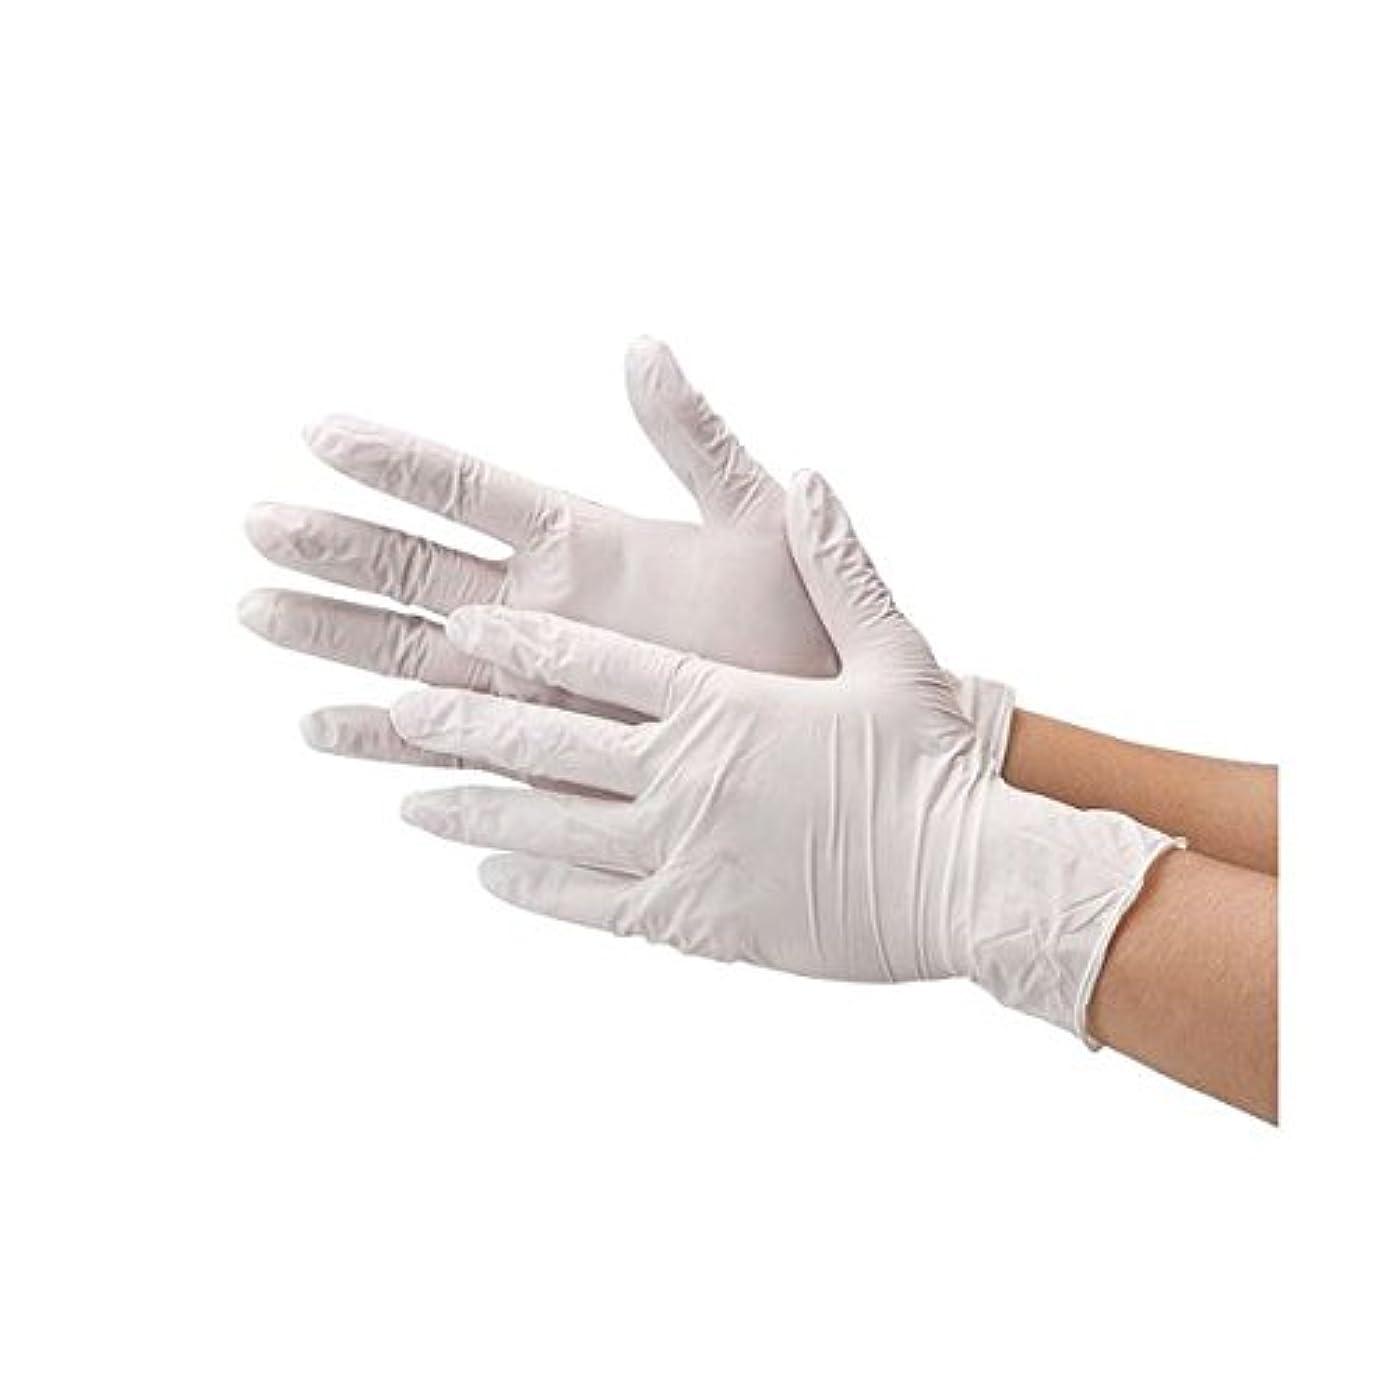 通行料金突き刺すレイ川西工業 ニトリル極薄手袋 粉なしホワイトS ダイエット 健康 衛生用品 その他の衛生用品 14067381 [並行輸入品]